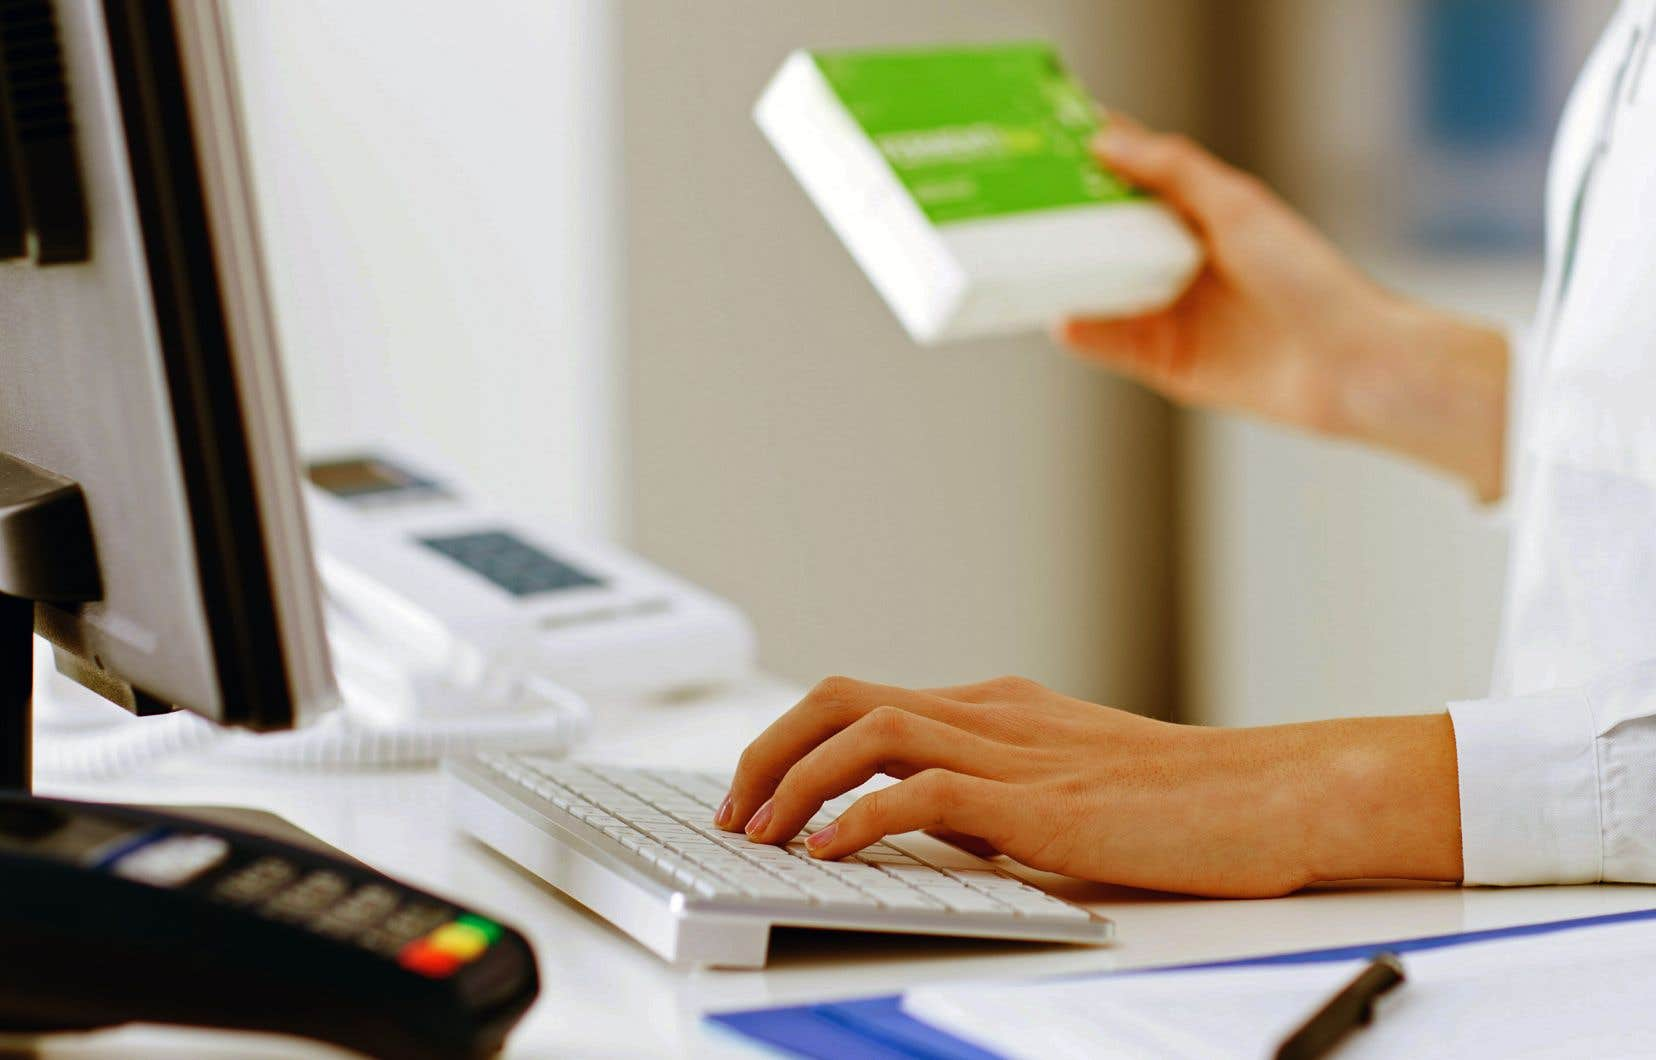 Ce seraient les fournisseurs qui hébergent les dossiers électroniques qui s'adonneraient au croisement de données et à leur vente.